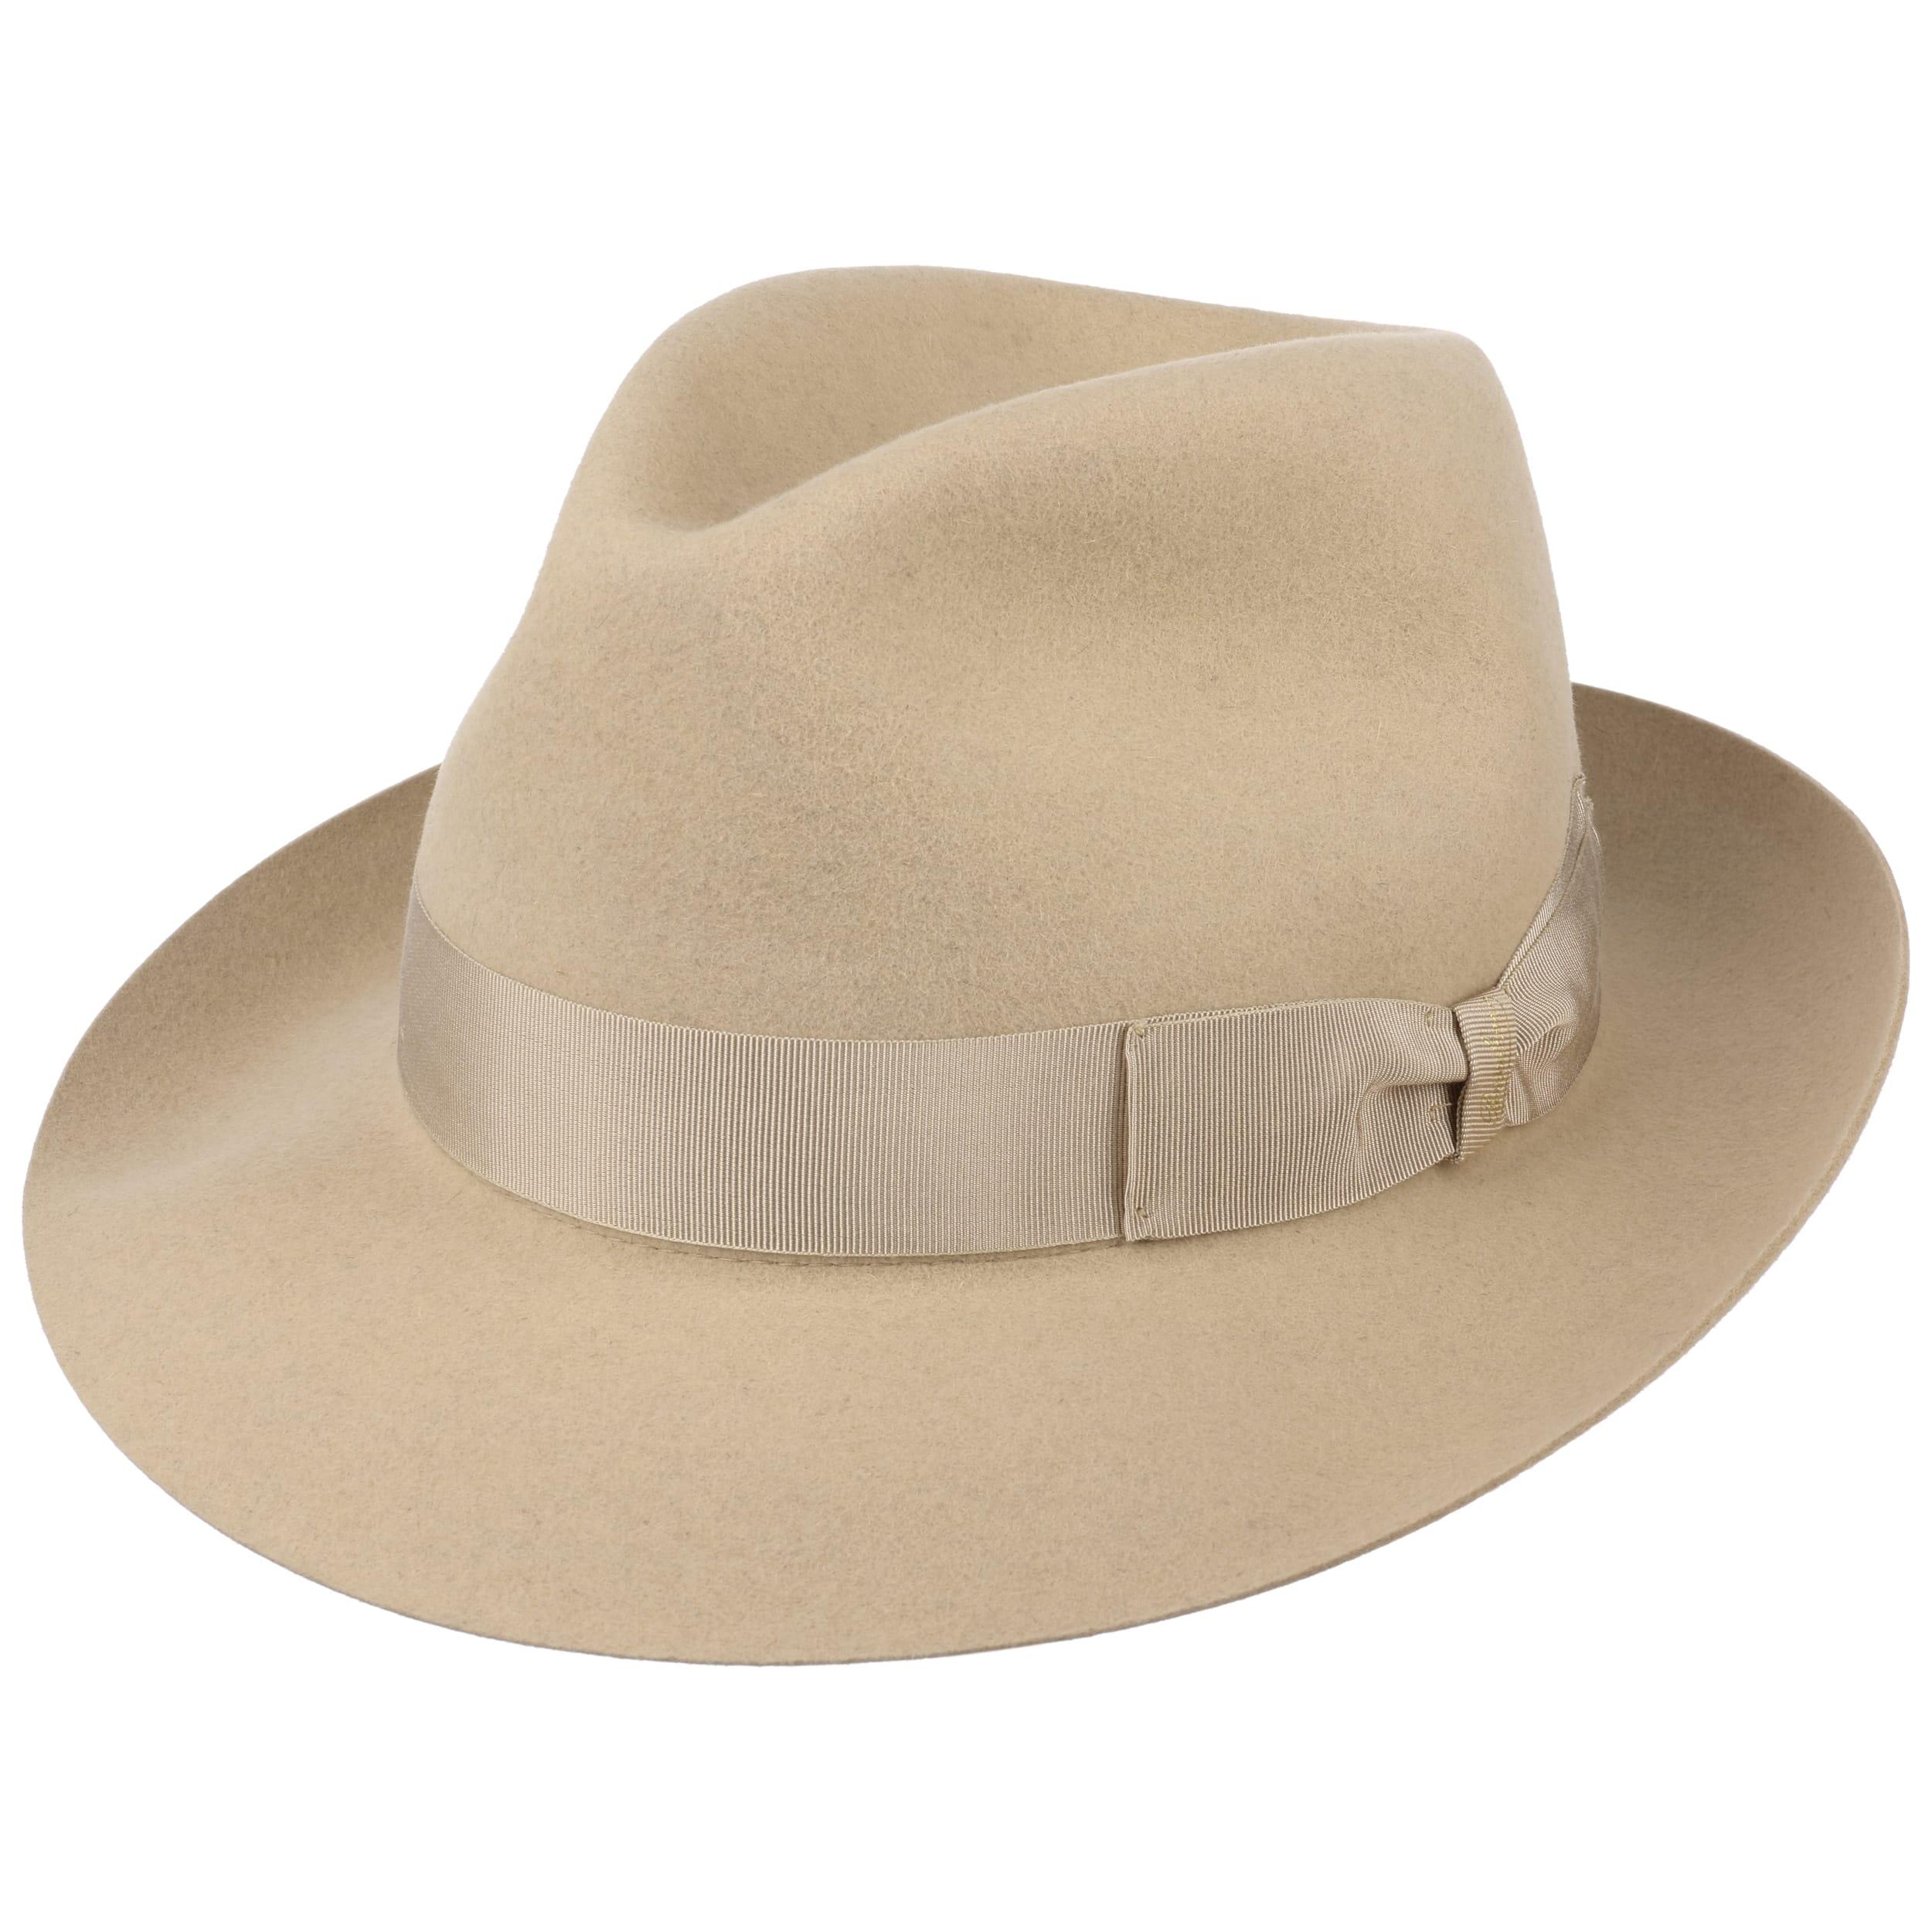 ... 50 Grammi Cappello da Uomo by Borsalino - beige 2 ... 5a454ed57cf